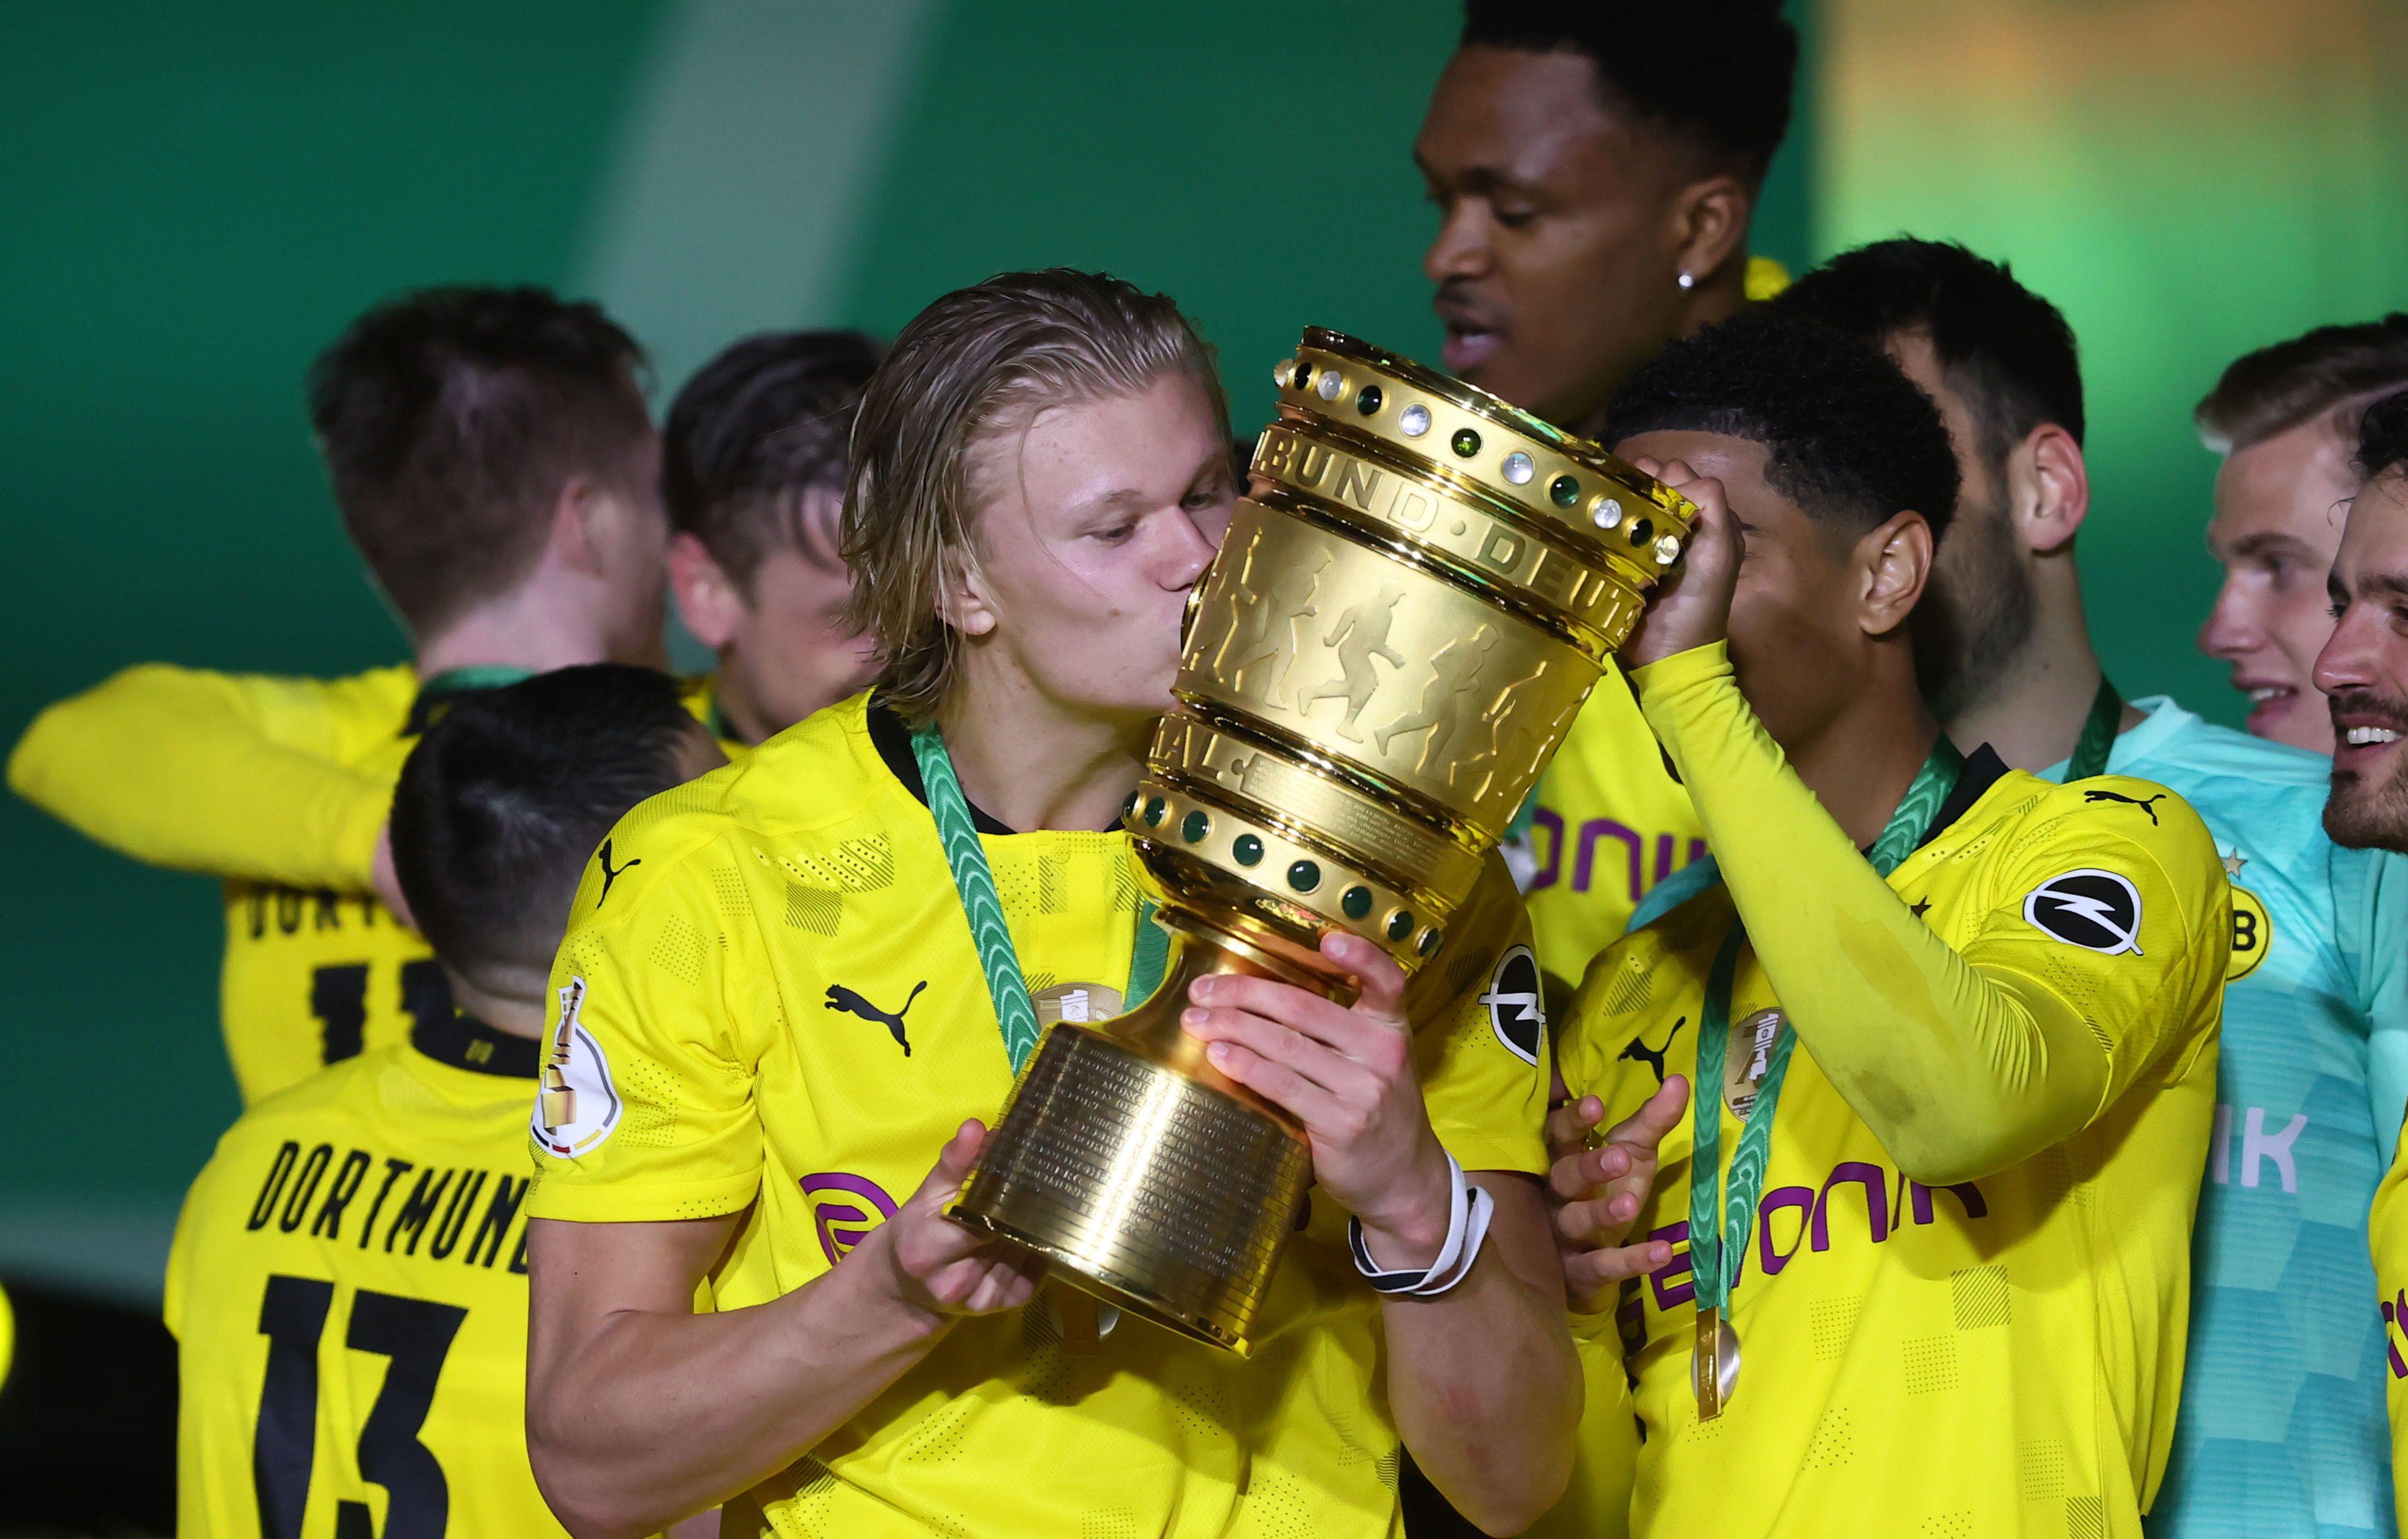 El noruego ganó su primer título con la camiseta del Dortmund (Foto: REUTERS)